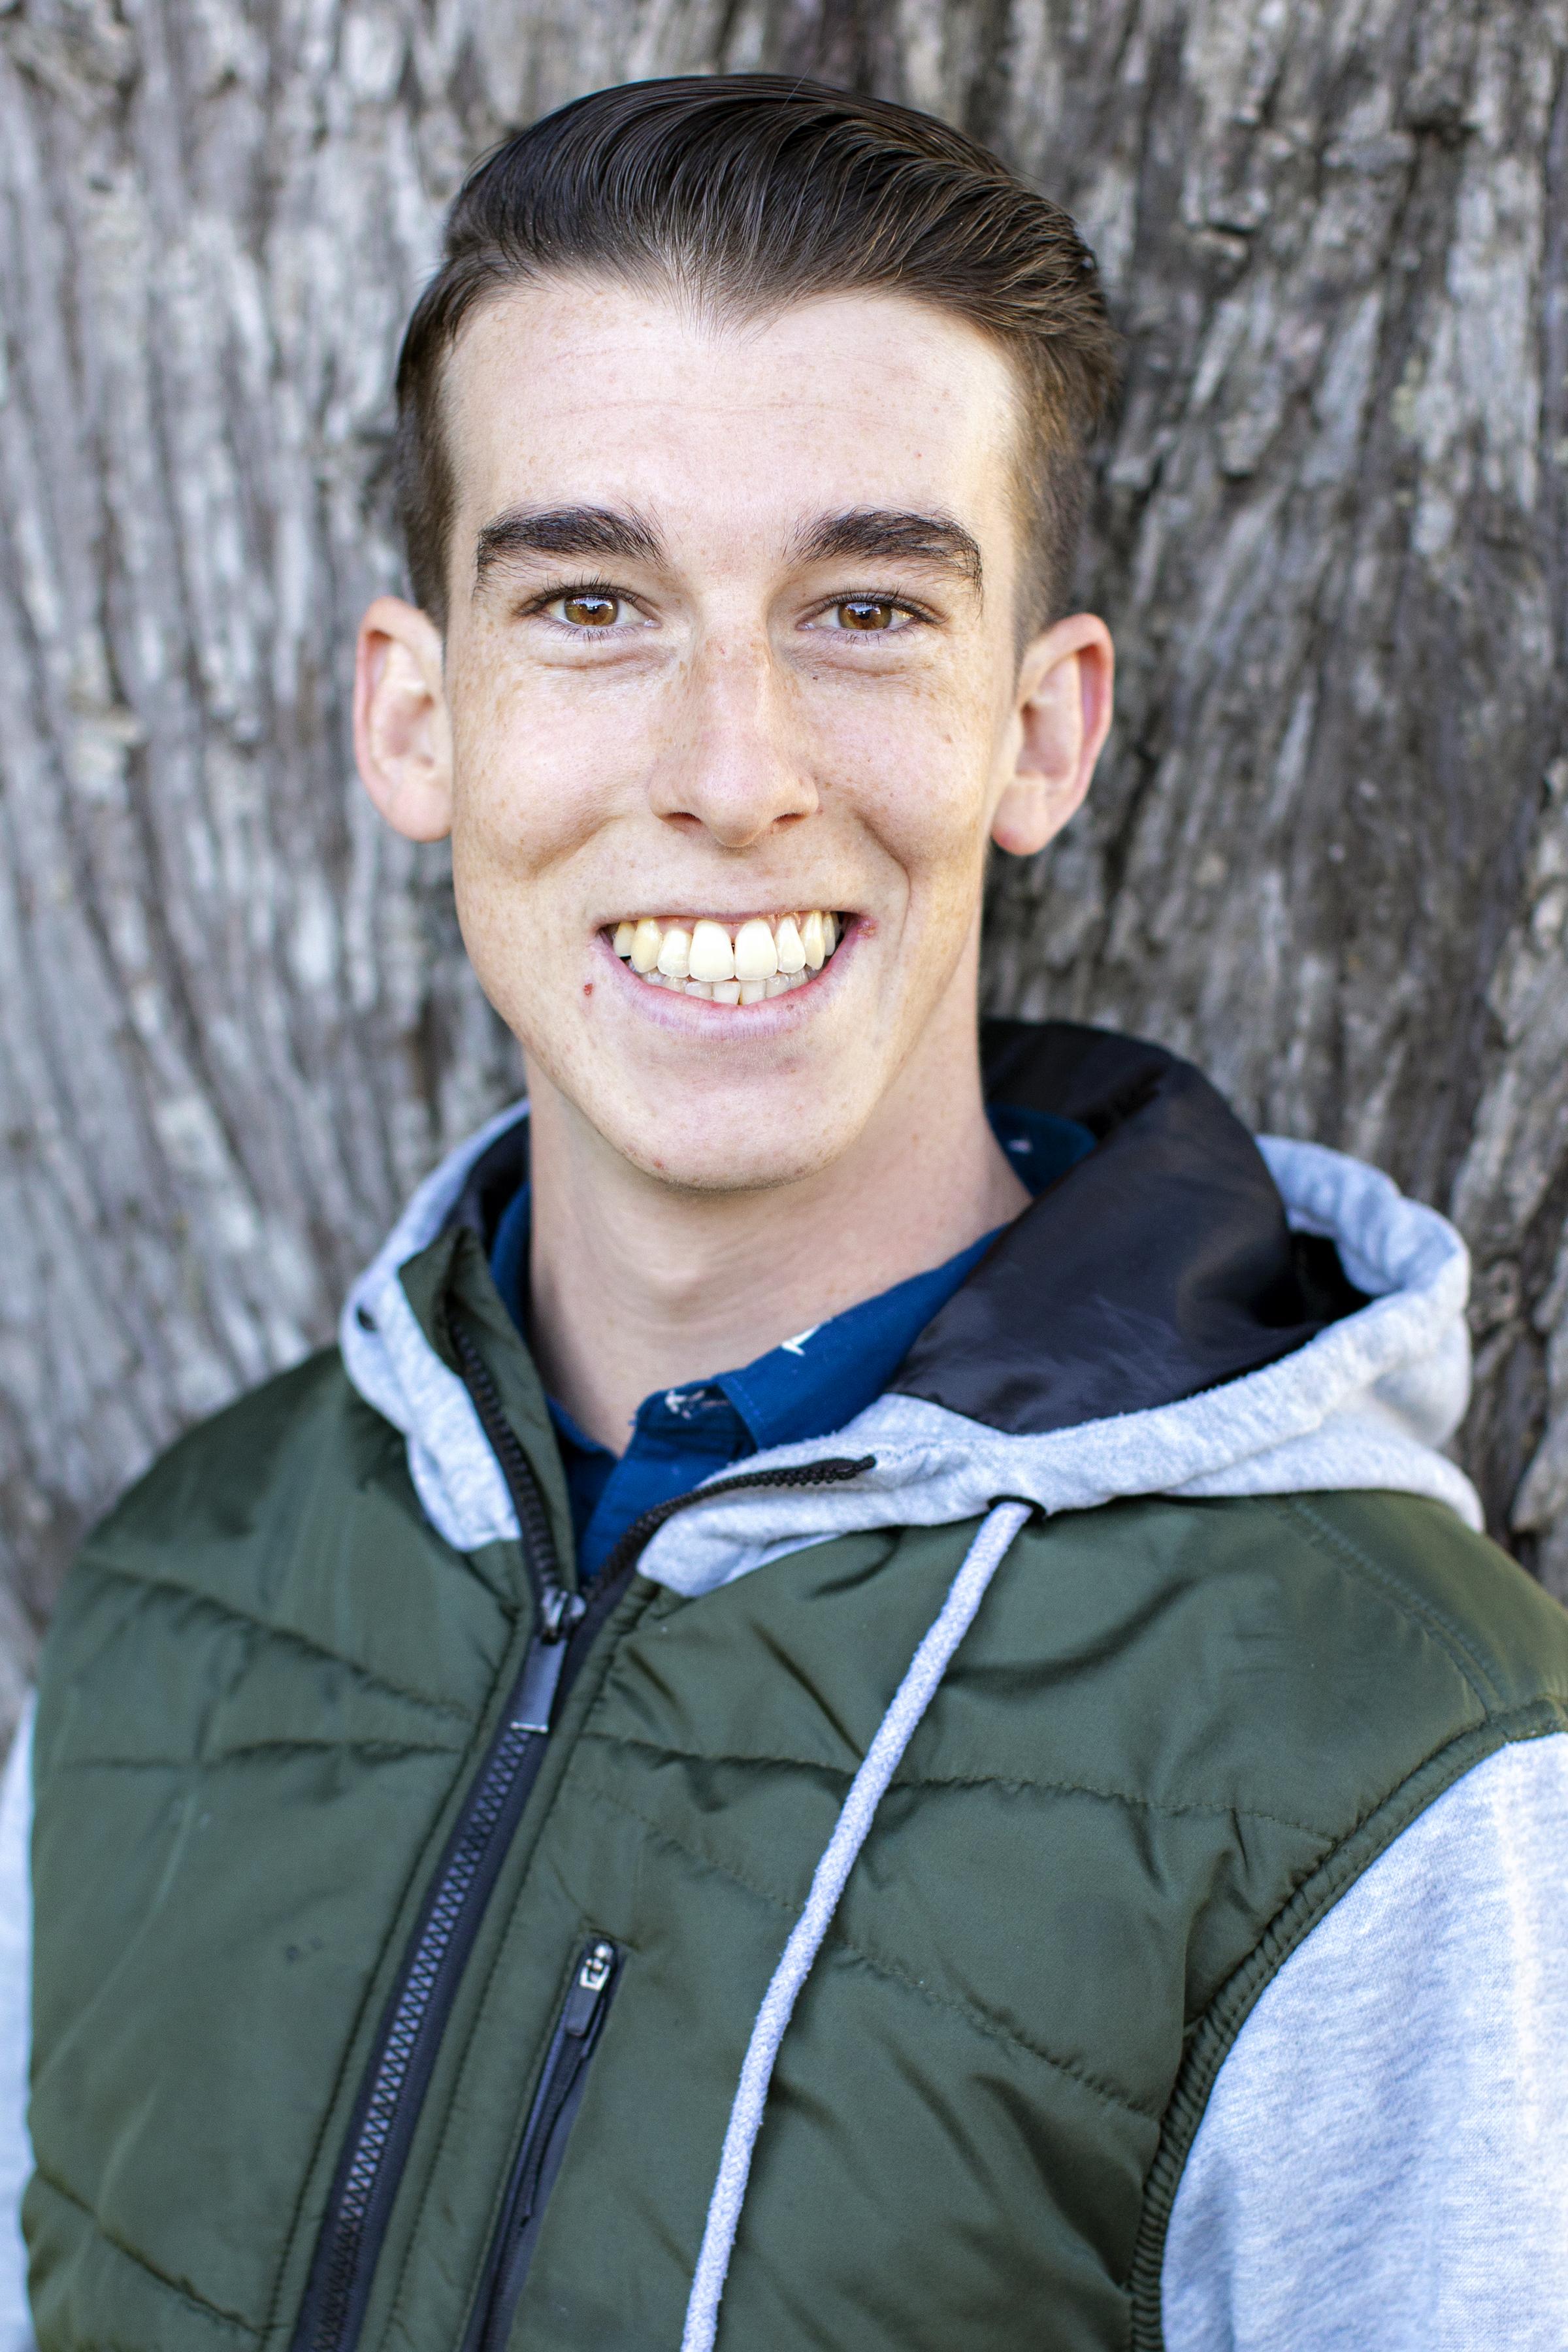 Dylan Morrish